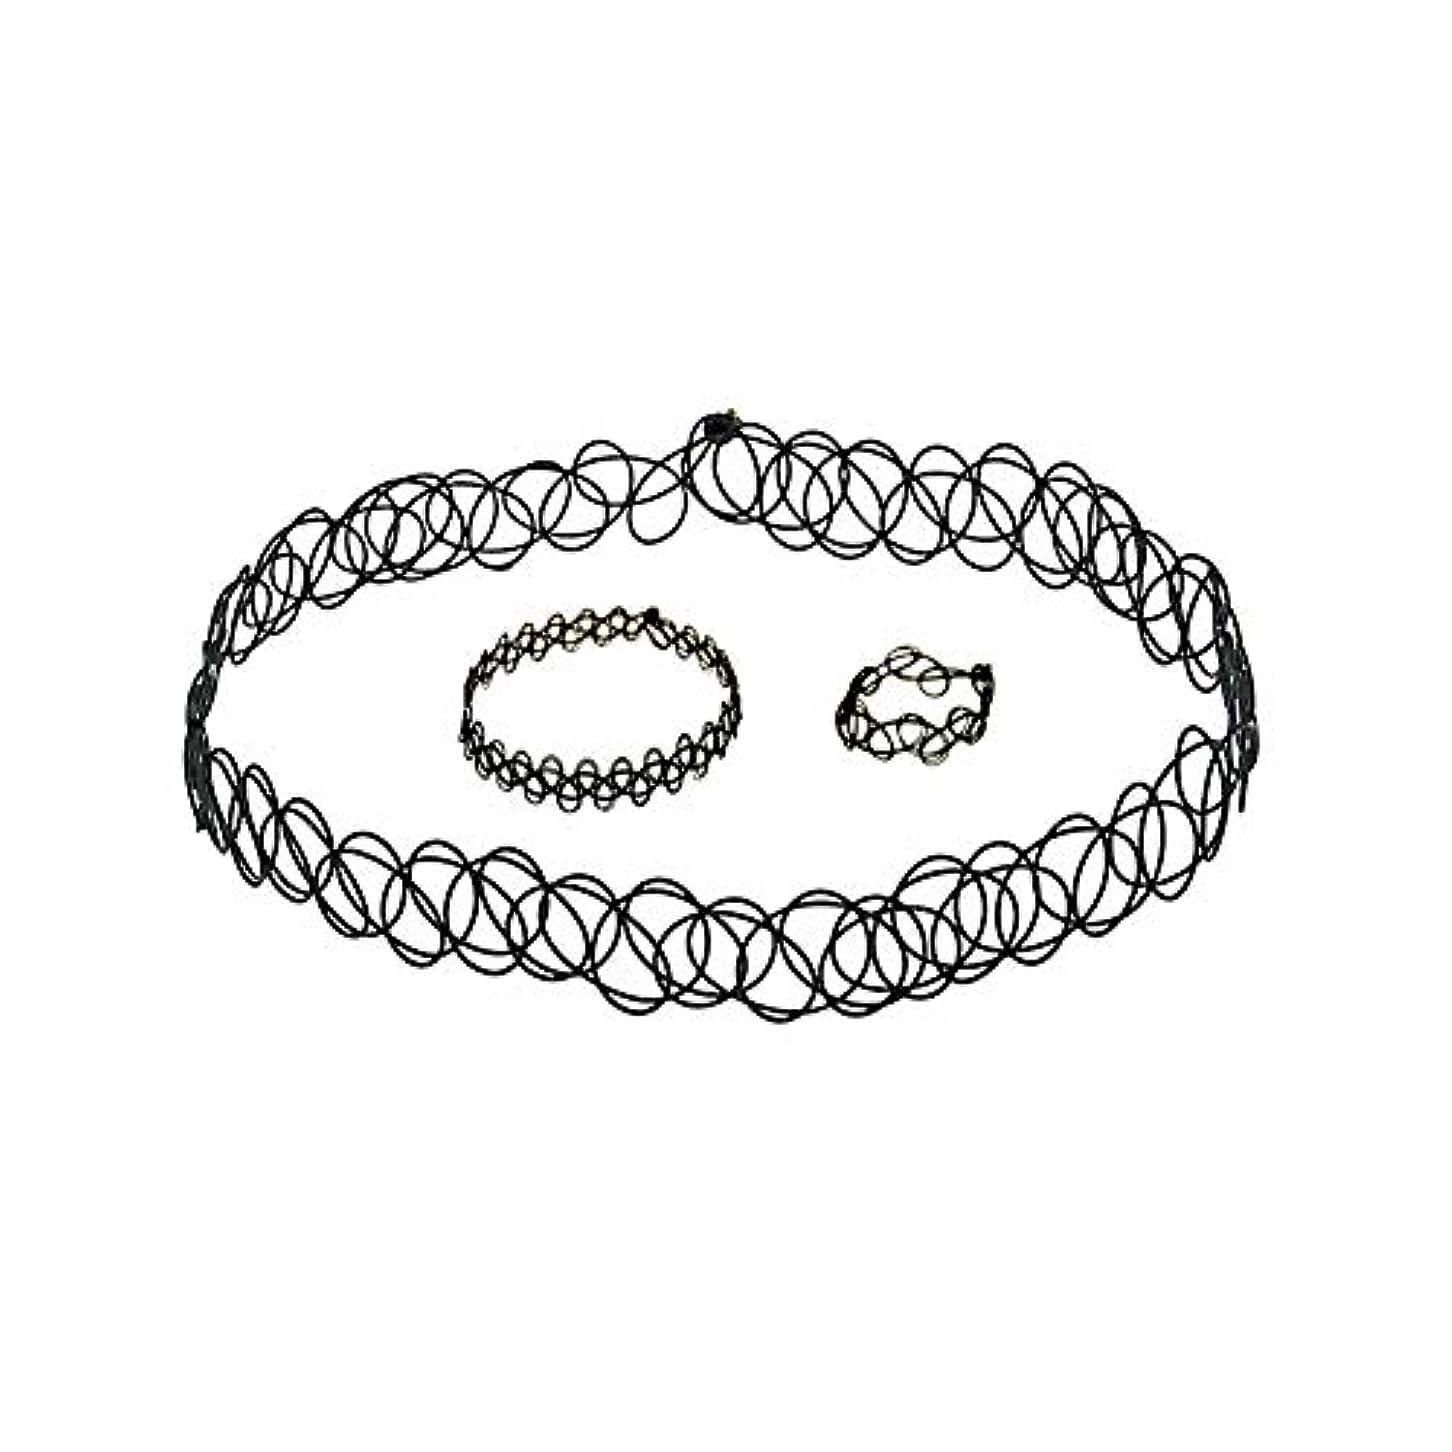 理論的上げるシンボル3 PCSタトゥーチョーカーゴシックタトゥーヘナセット伸縮ネックレスブレスレットと指輪女性の女の子